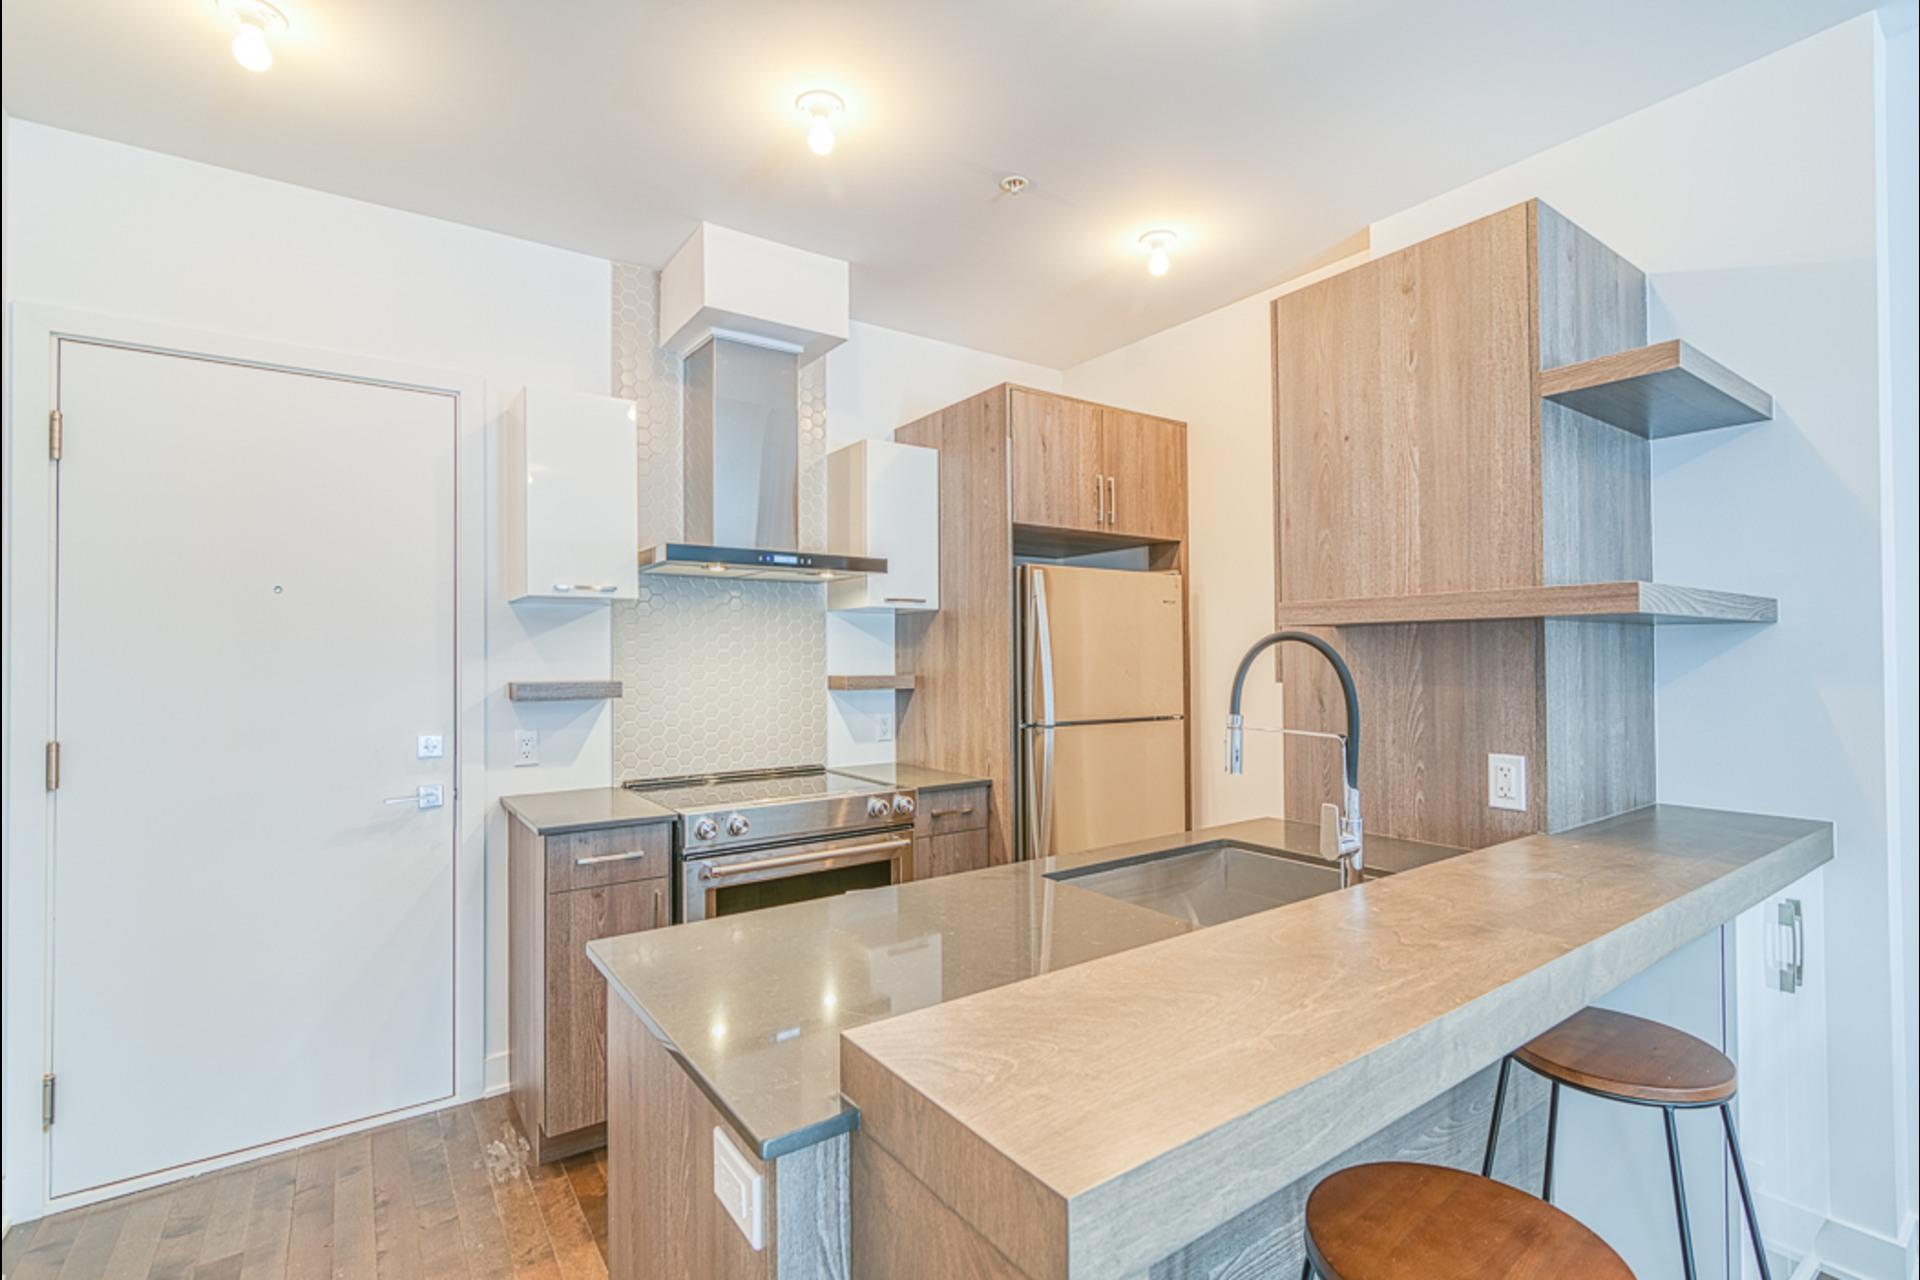 image 4 - MX - Condominio vertical - MX Para alquiler Montréal - 3 habitaciones